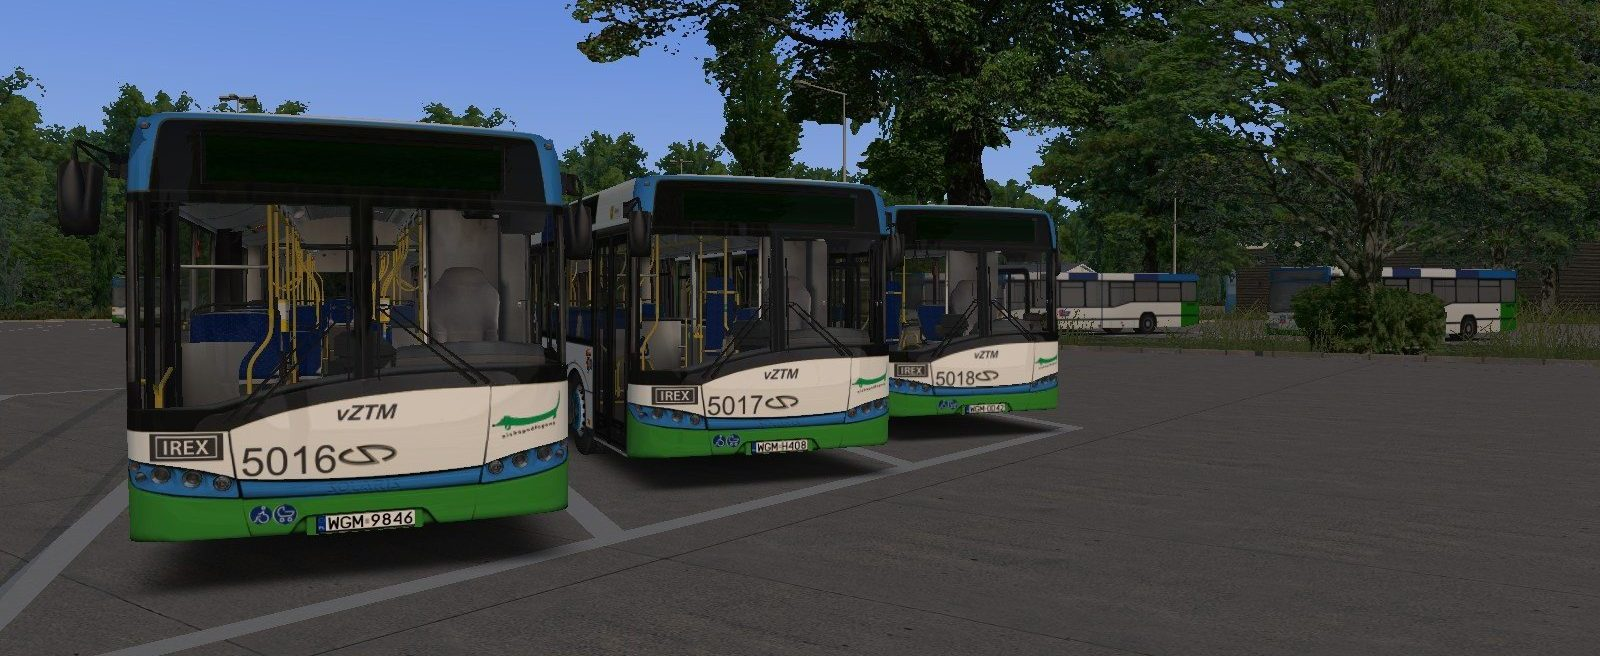 Wirtualny Zarząd Transportu Miejskiego